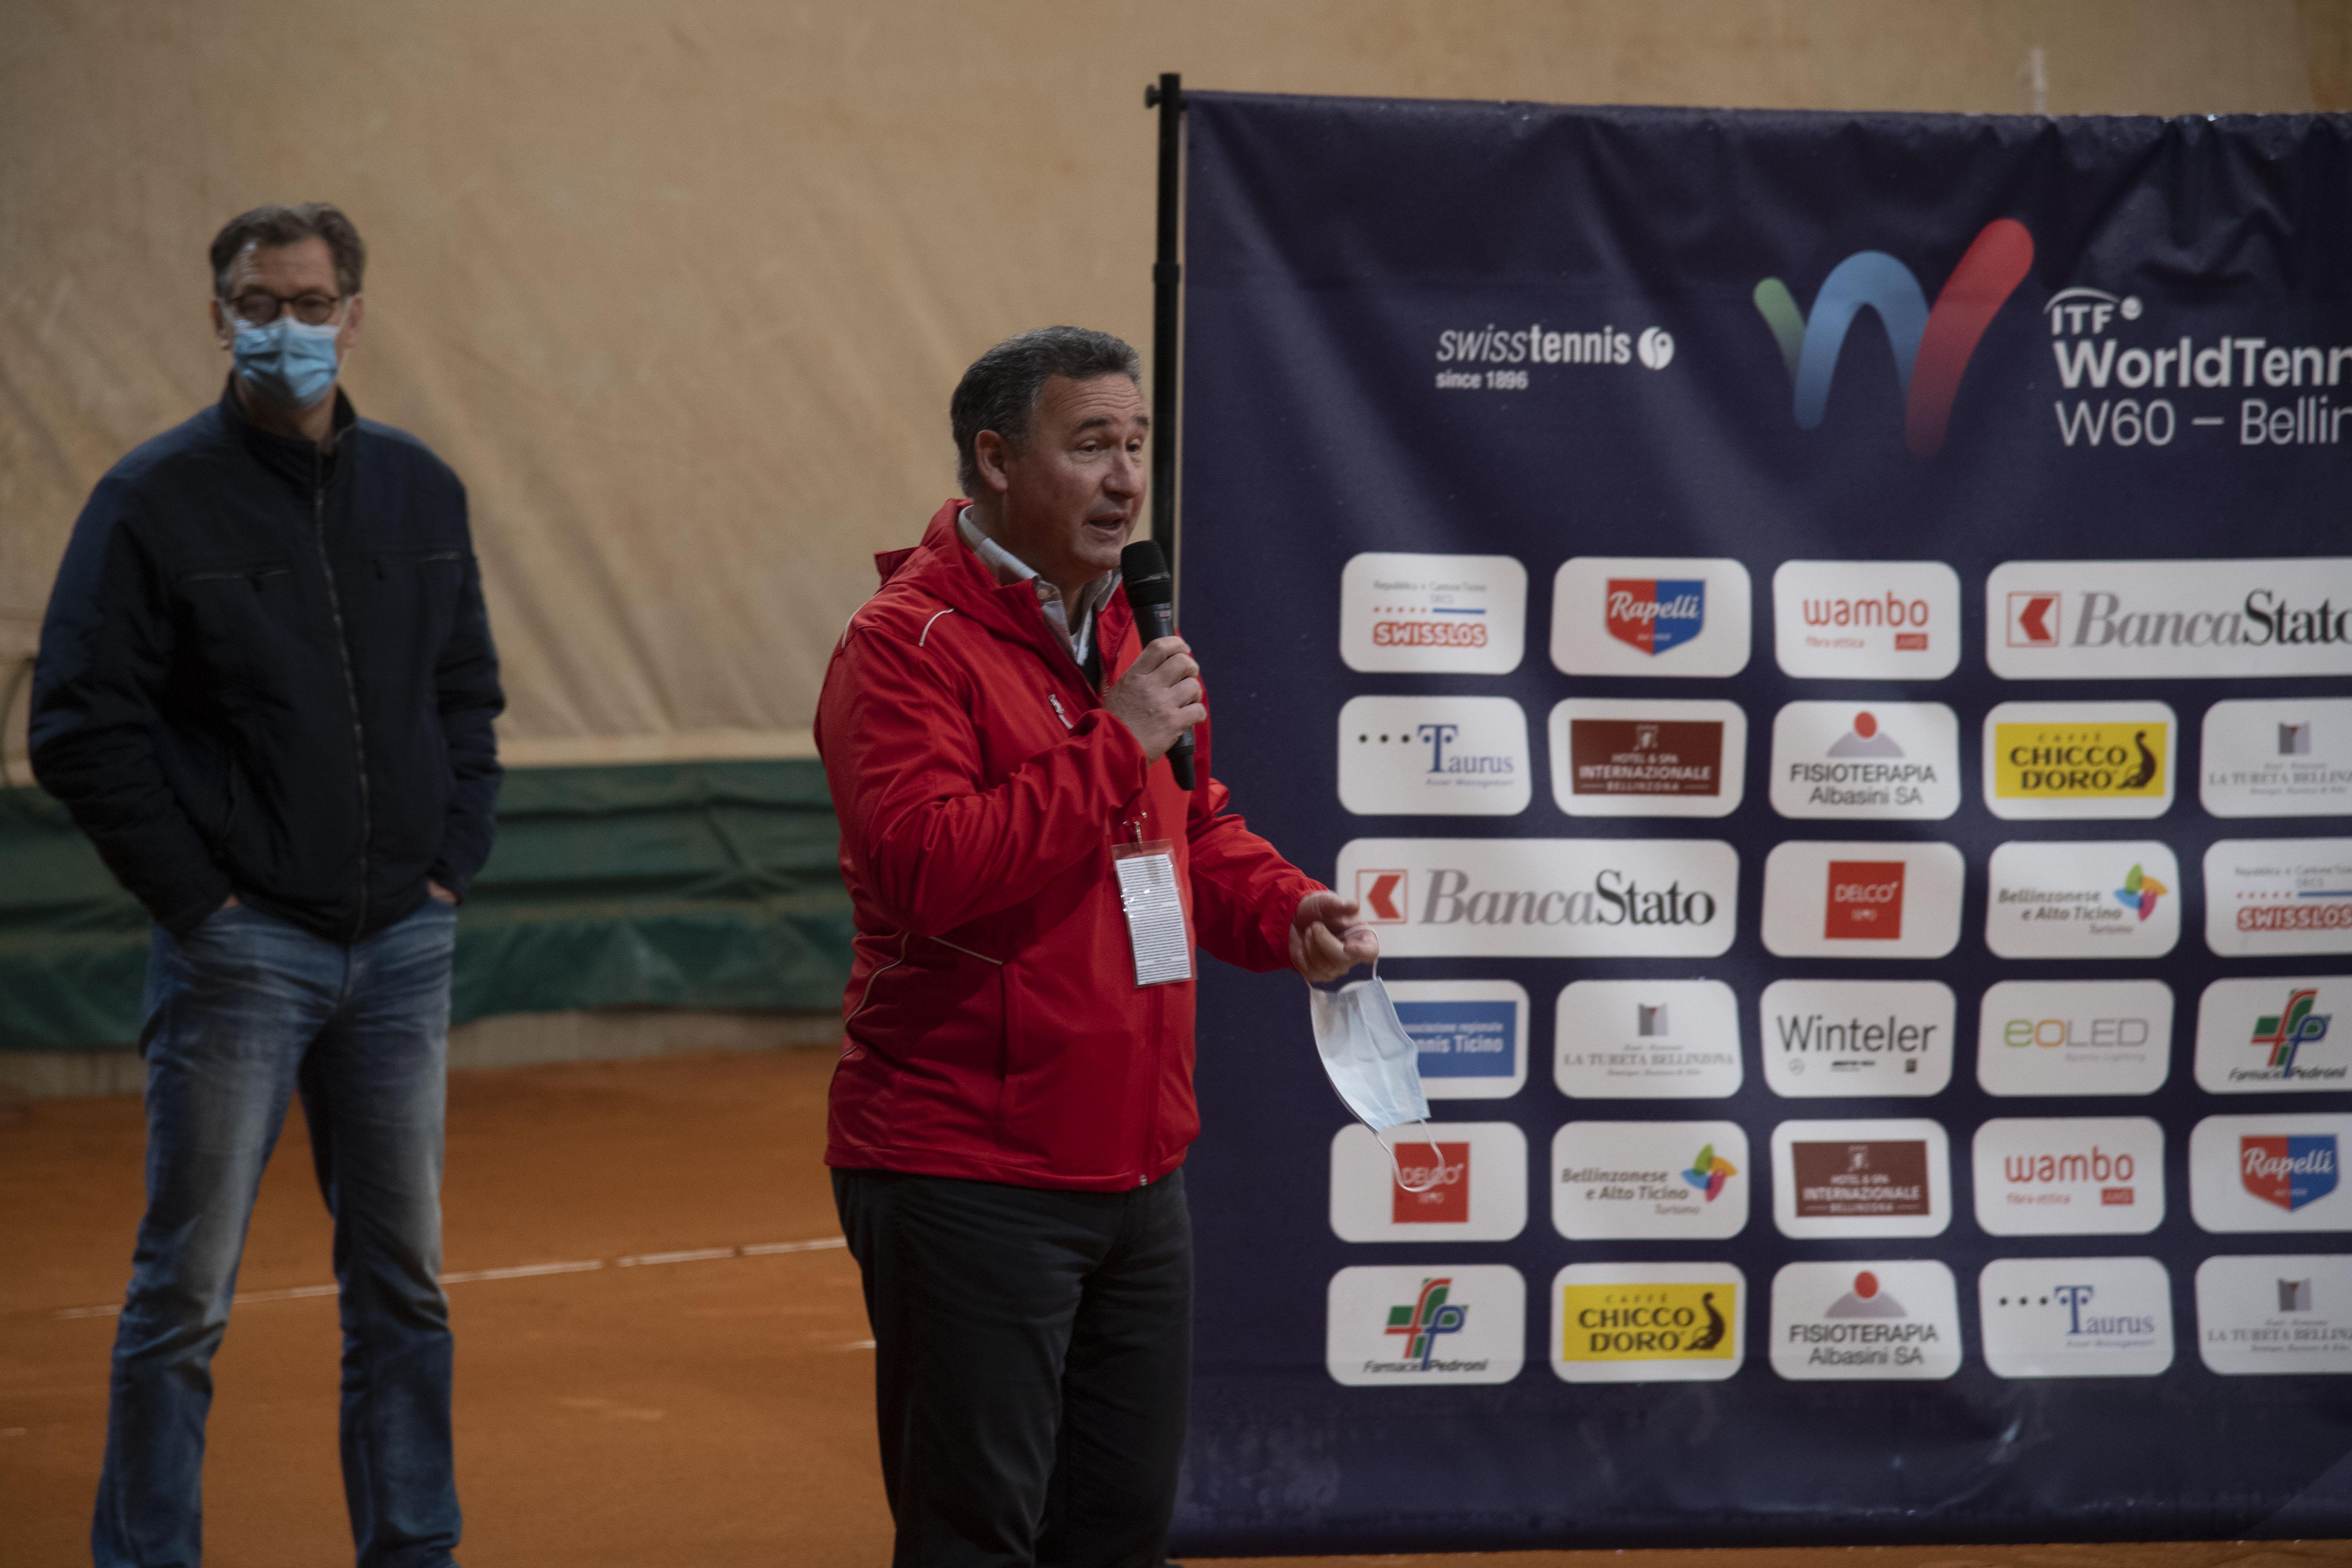 2021.04.11-ITF-WorldTennisTour-Final-07